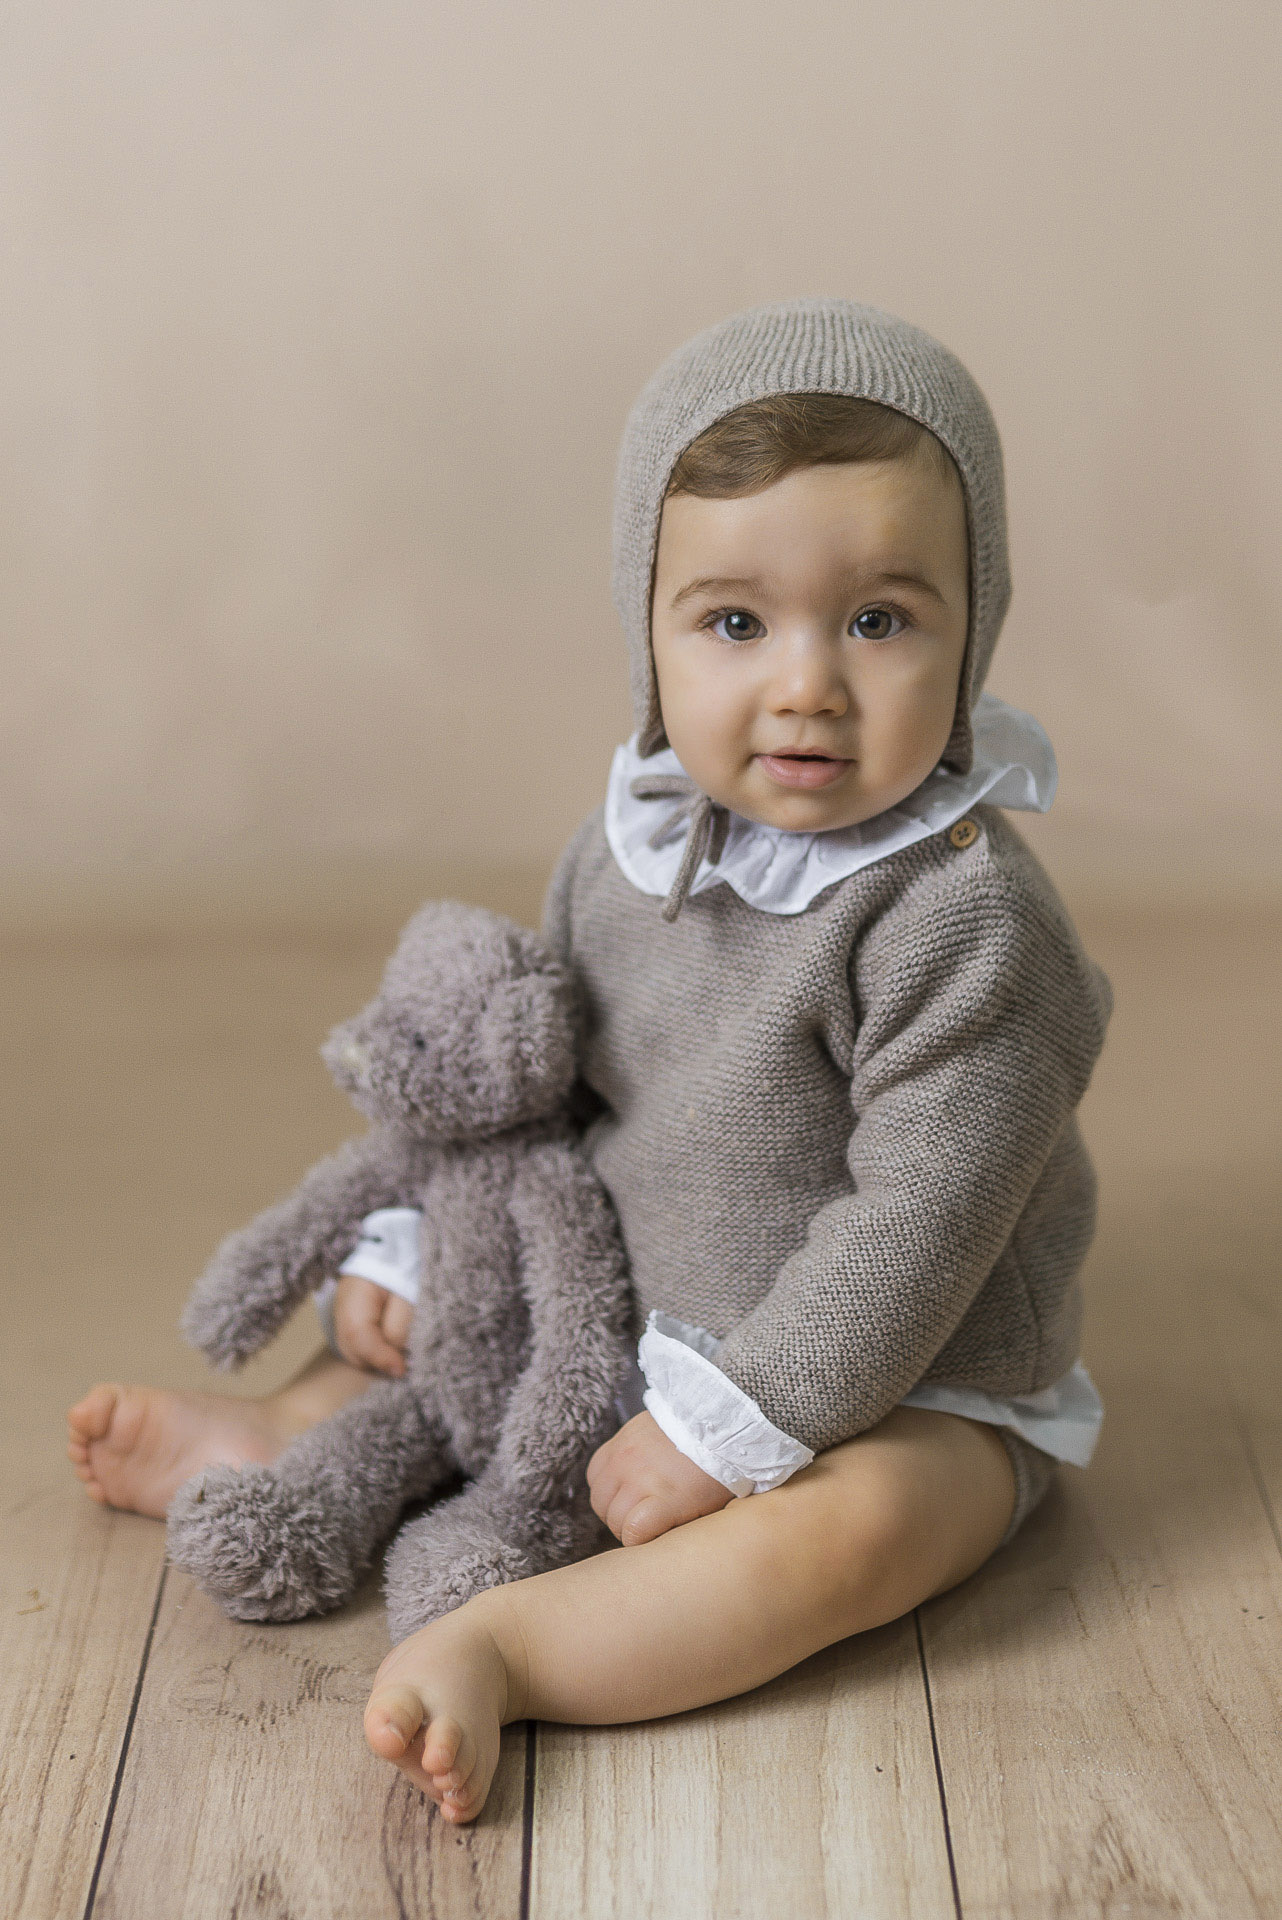 otografía bebé hnfotografo-1